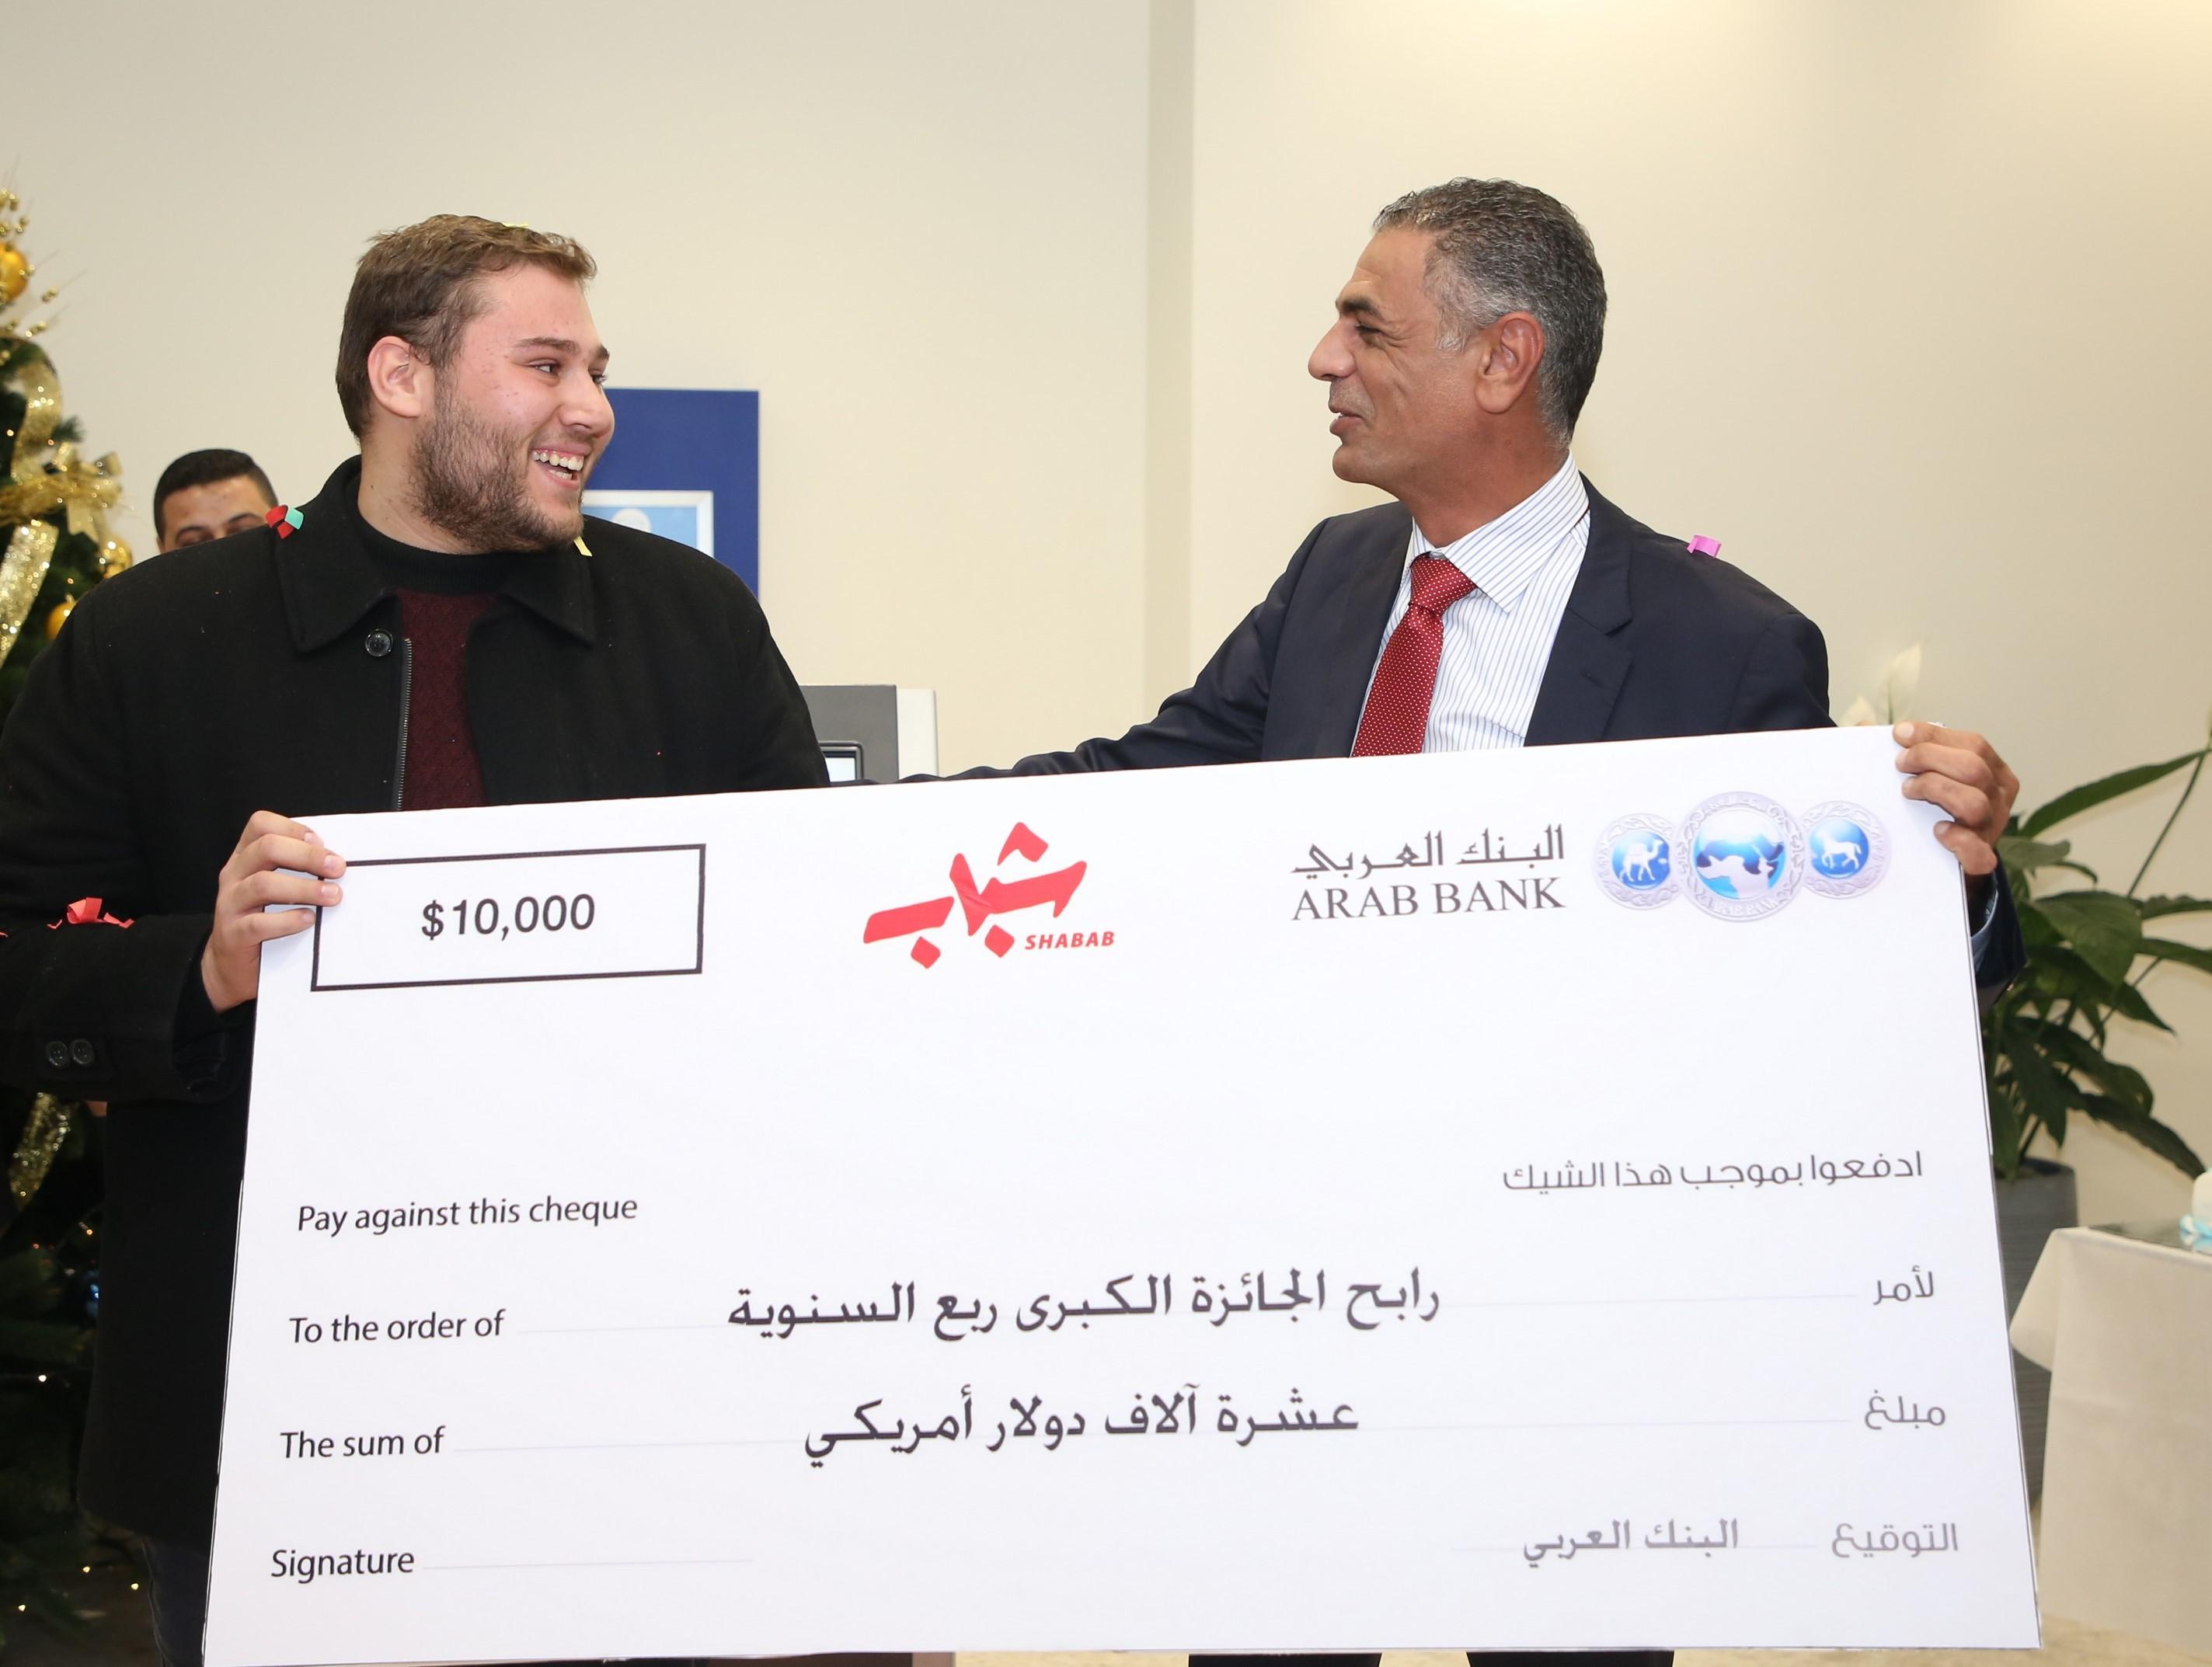 """البنك العربي يعلن عن اسم الفائز بالجائزة الكبرى الربع سنوية مع """"برنامج شباب"""""""